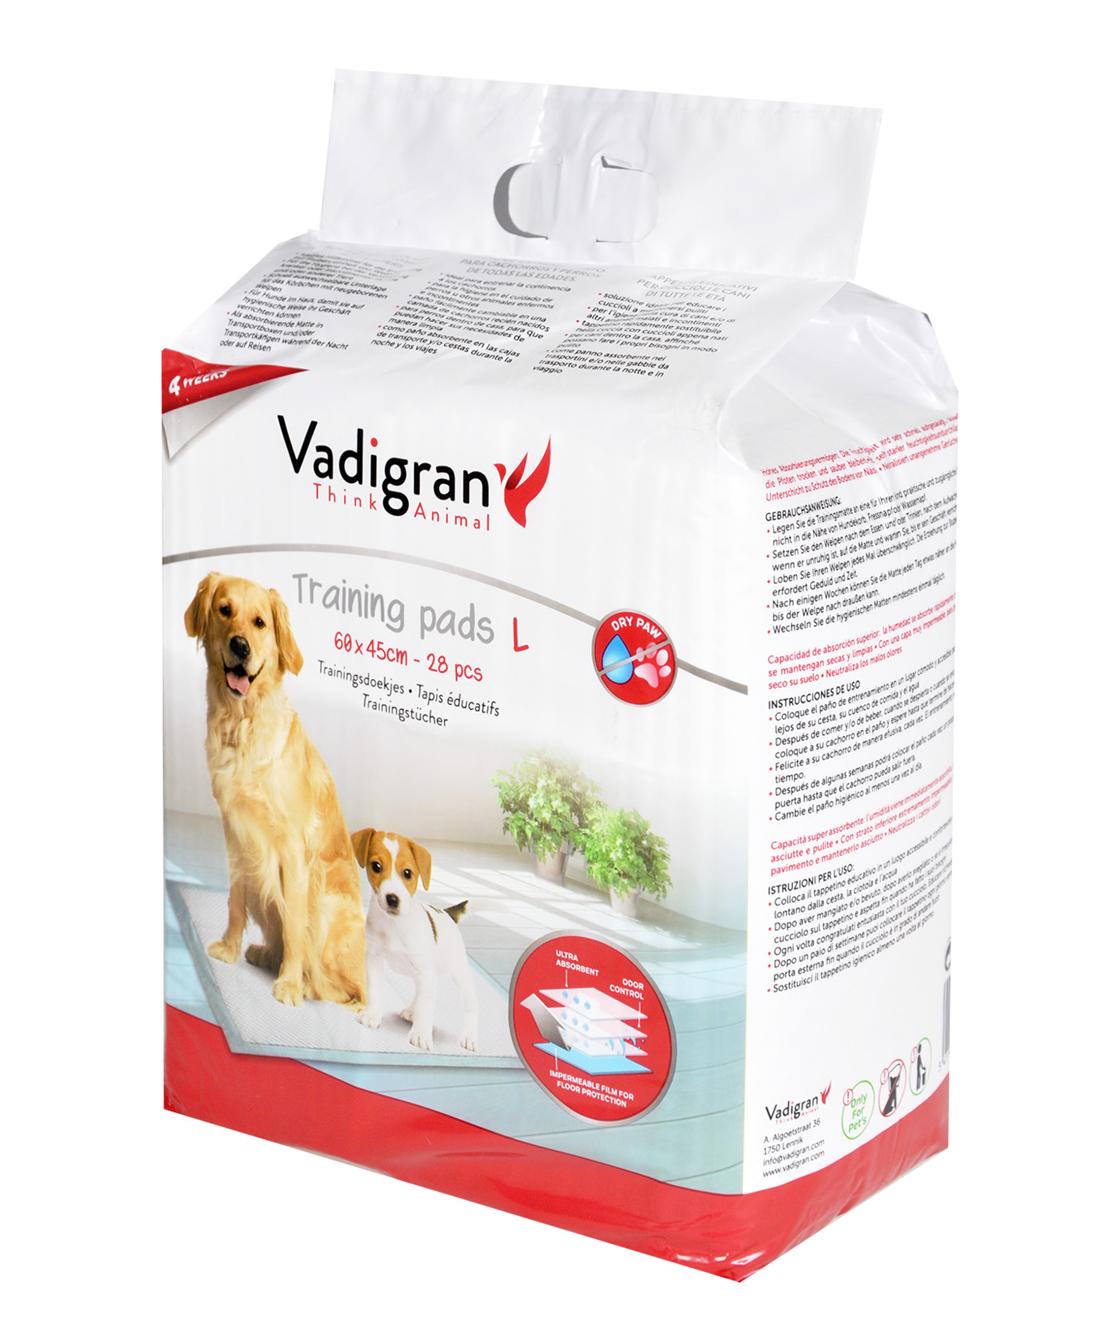 Tapis éducateurs pour chien 60x45cm 28pcs - Vadigran